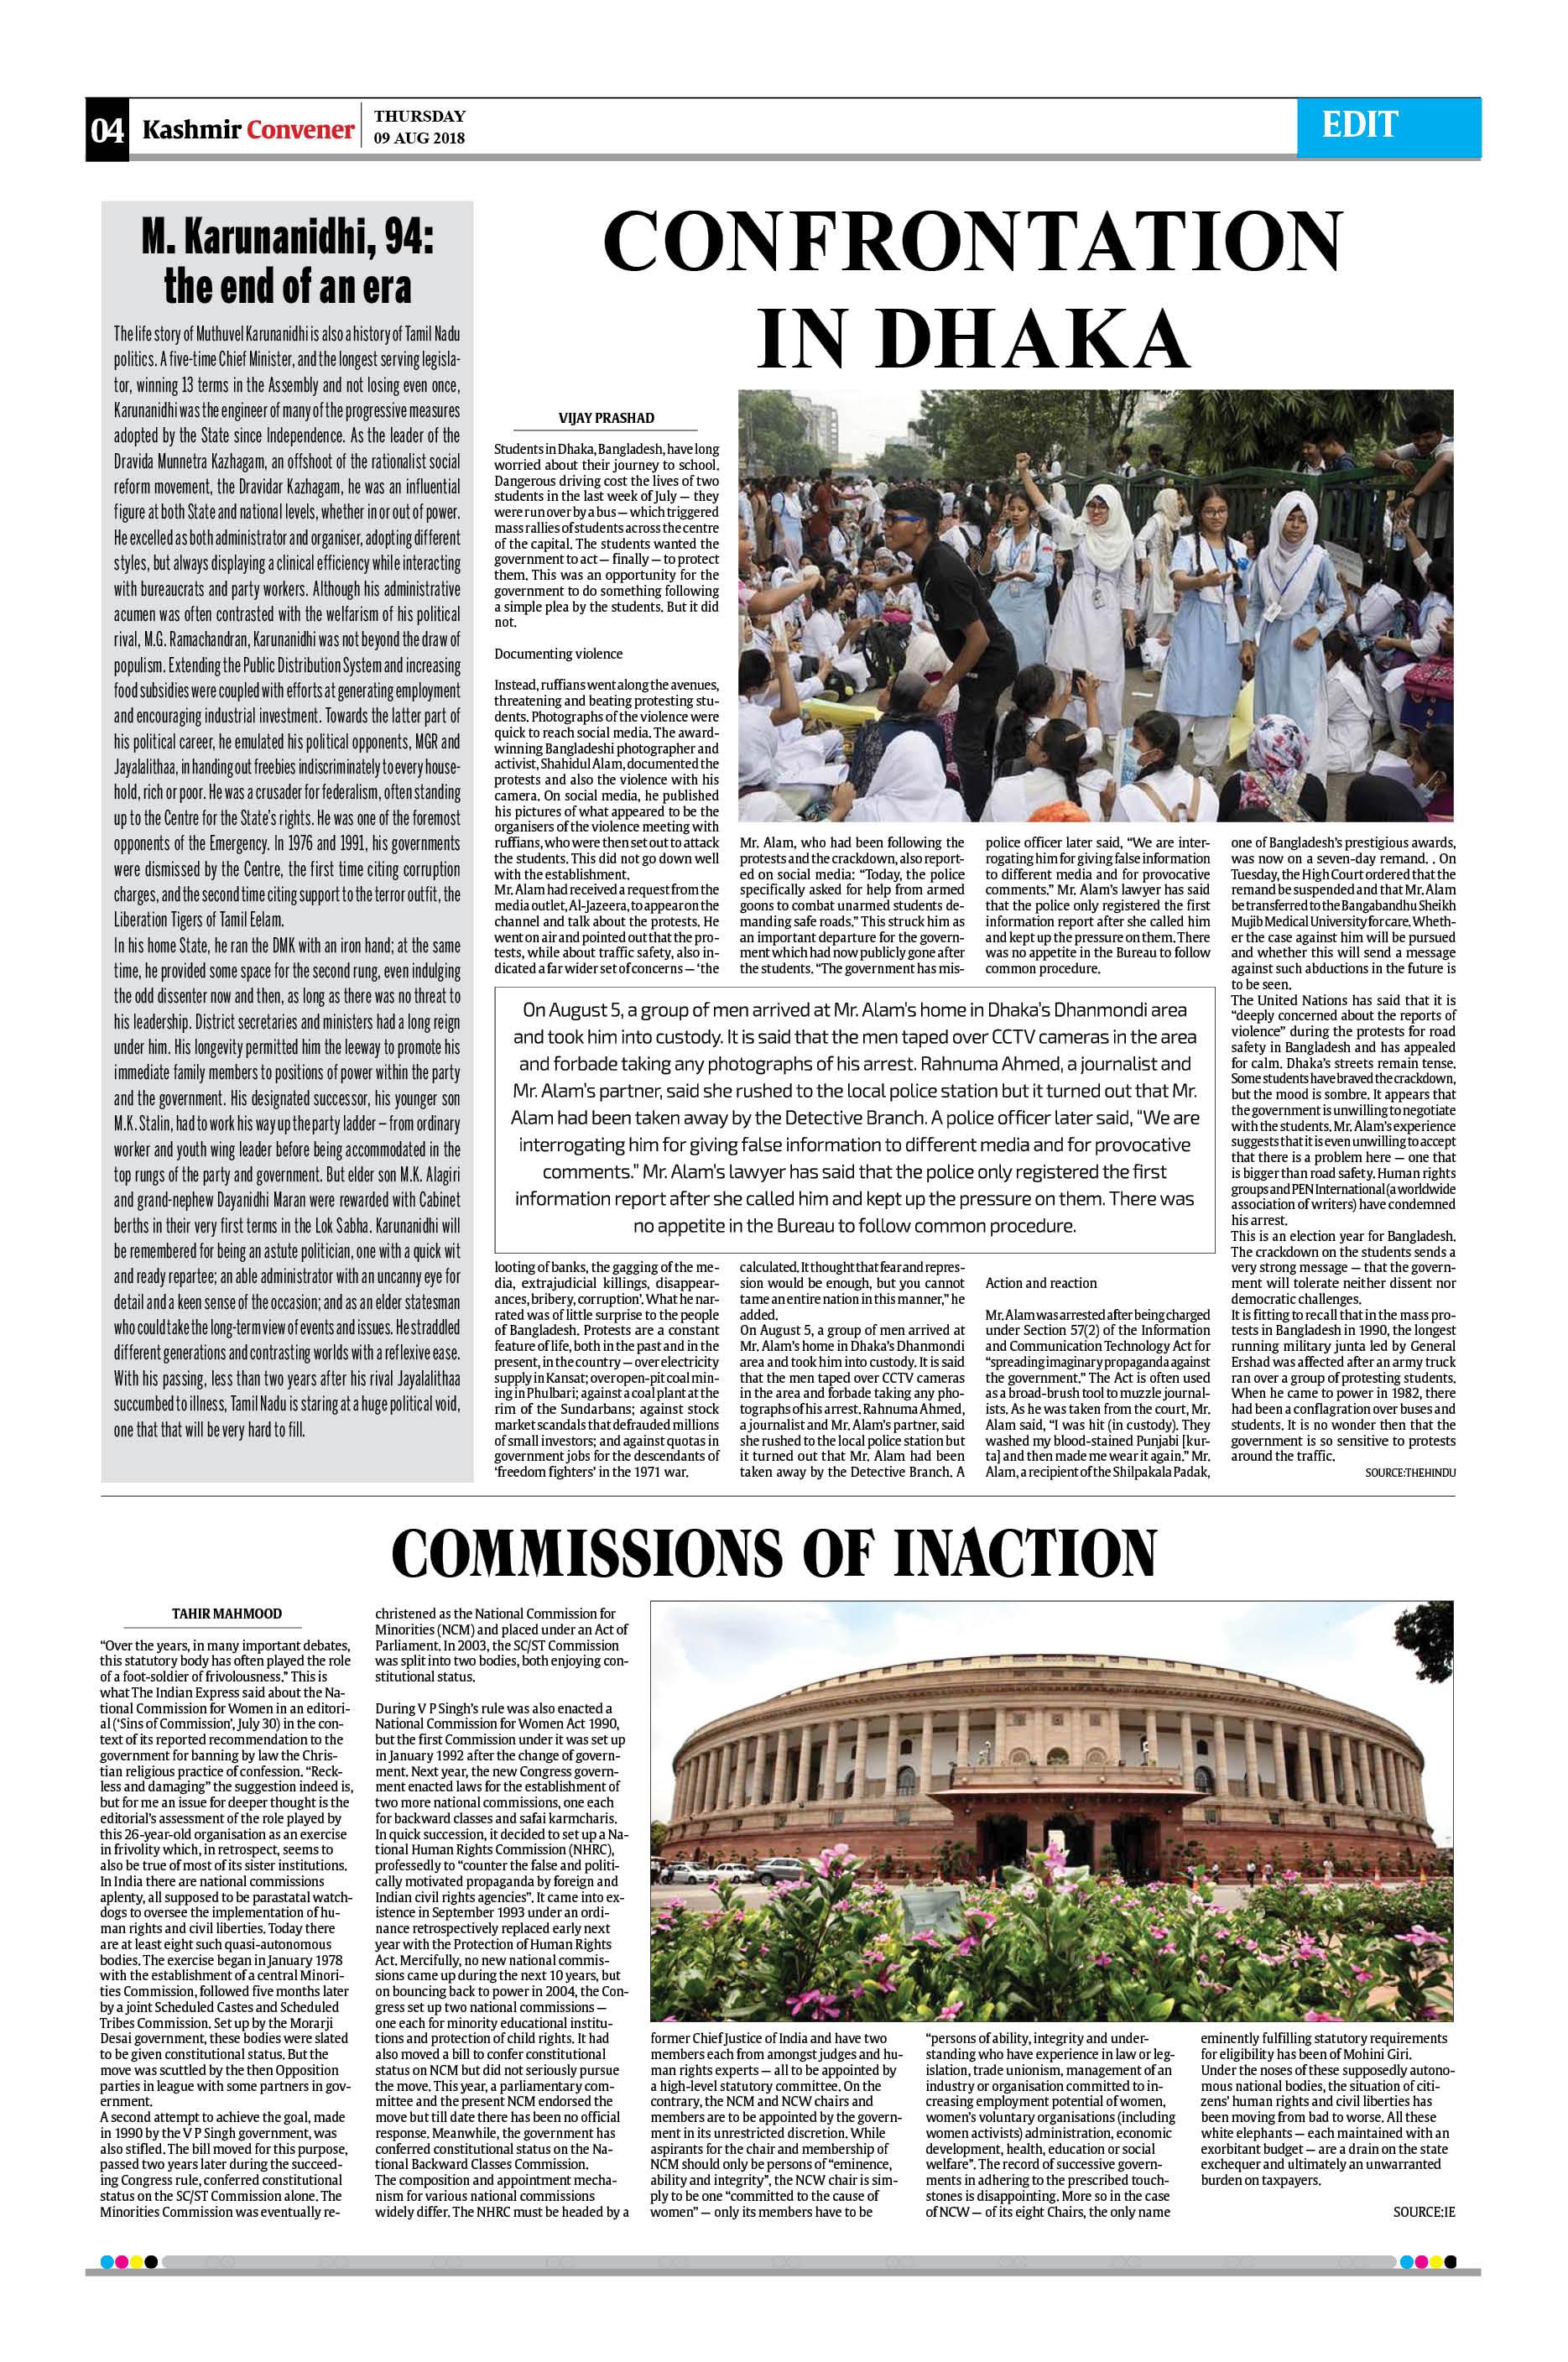 KC E-paper 09/08/2018 Page: 4 - Daily Kashmir Convene ePaper